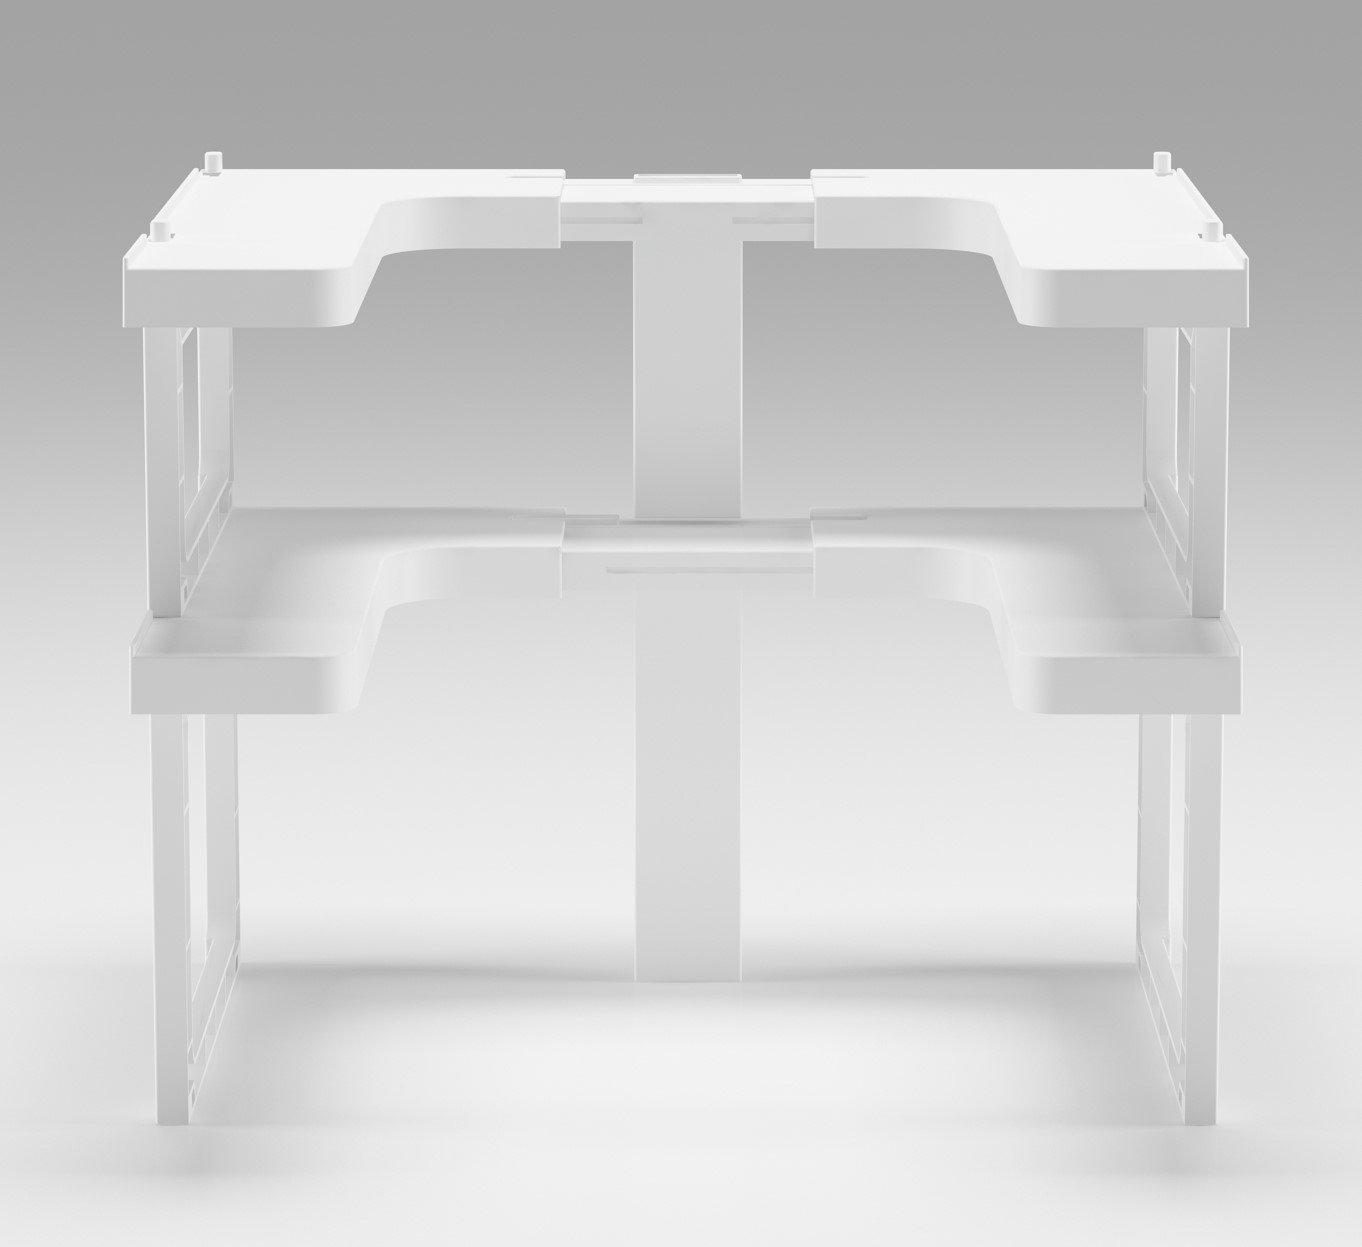 art/ículos de manualidades con fuerte pata central de soporte resistente organizaci/ón de la cocina capacidad para hasta 14 kg por estante incluye 2 unidades Estante organizador apilable para especias para armarios maquillaje